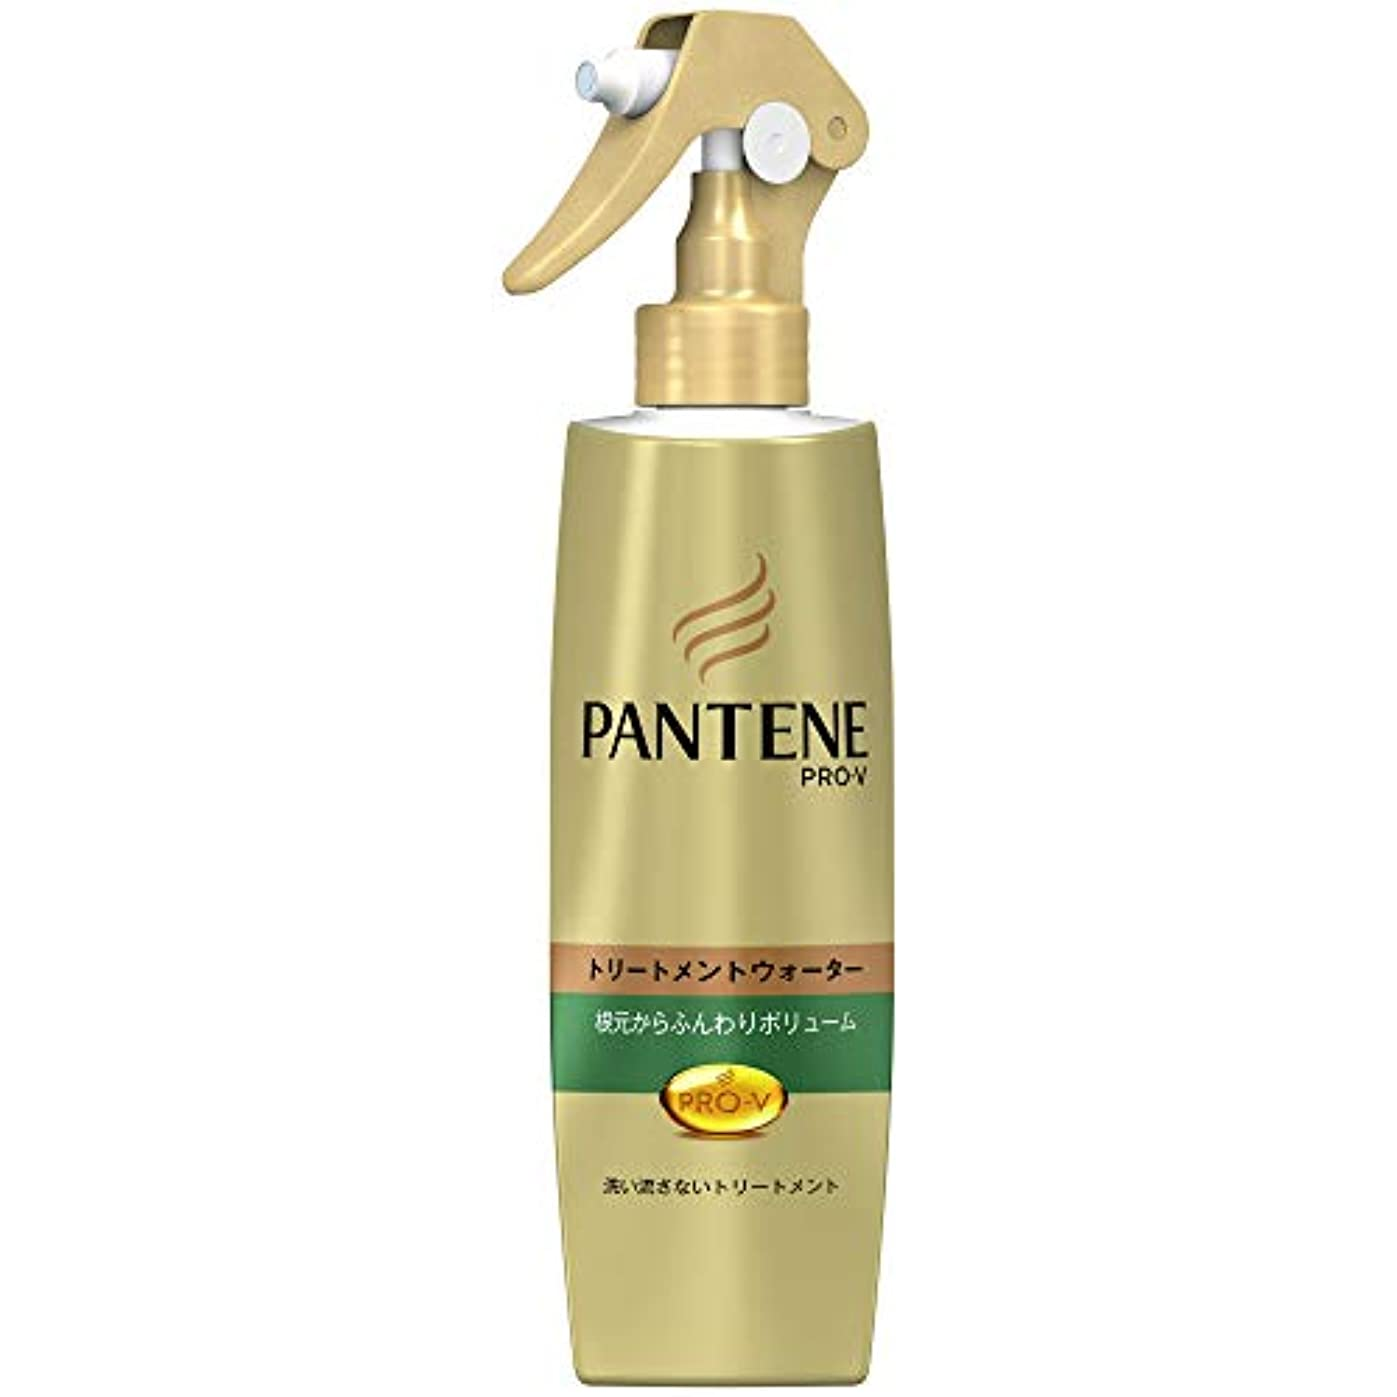 ペイン伝統ご覧くださいパンテーン 洗い流さないトリートメント トリートメントウォーター ボリュームのない髪用 200mL